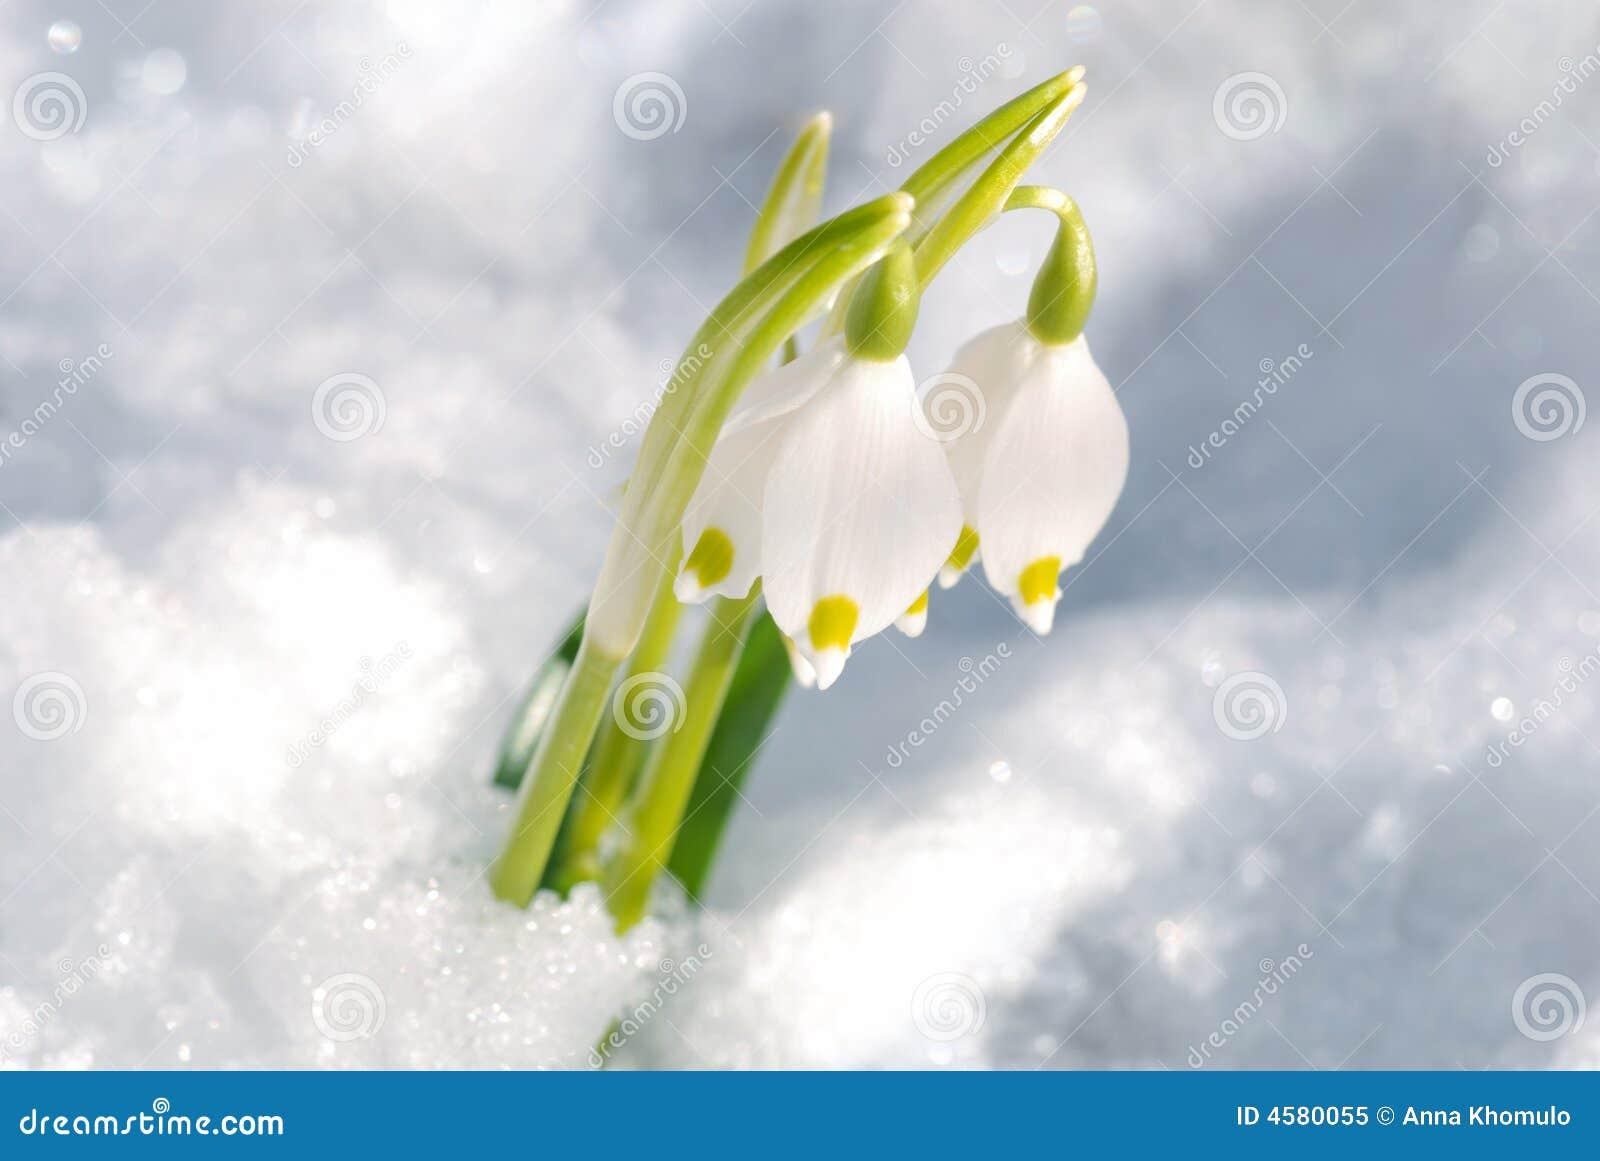 Erste Blumen Stockbild Bild Von Vegetation Wald Blatt 4580055